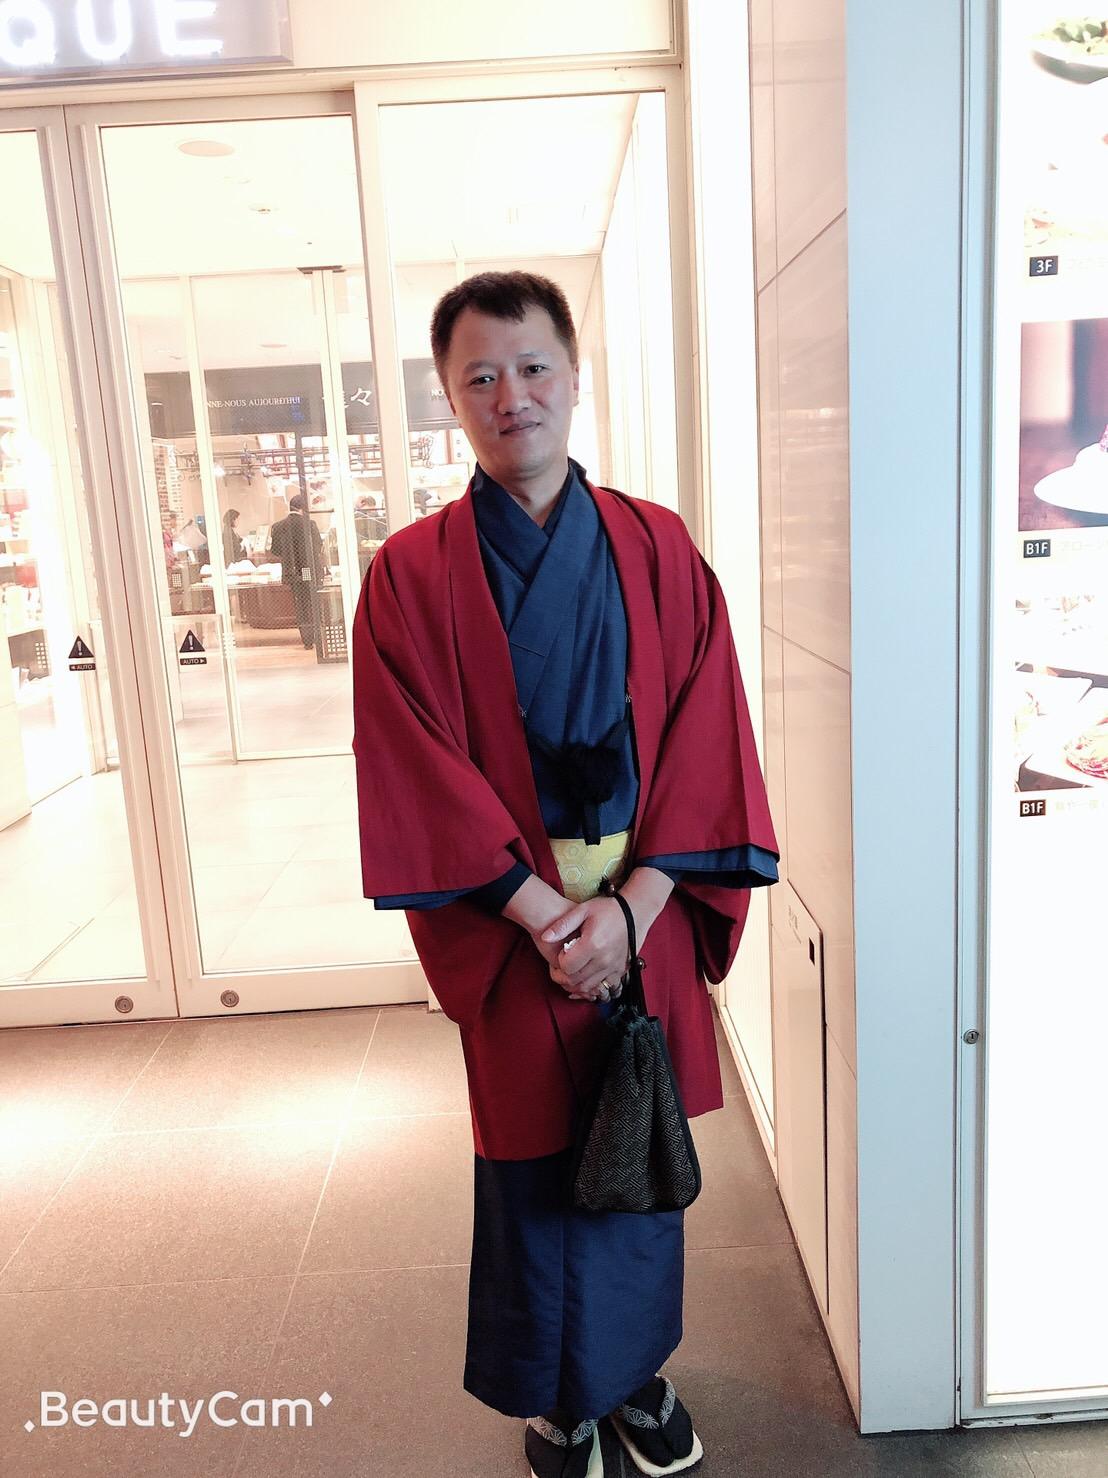 蹴上インクラインと八坂庚申堂へ2019年4月15日1